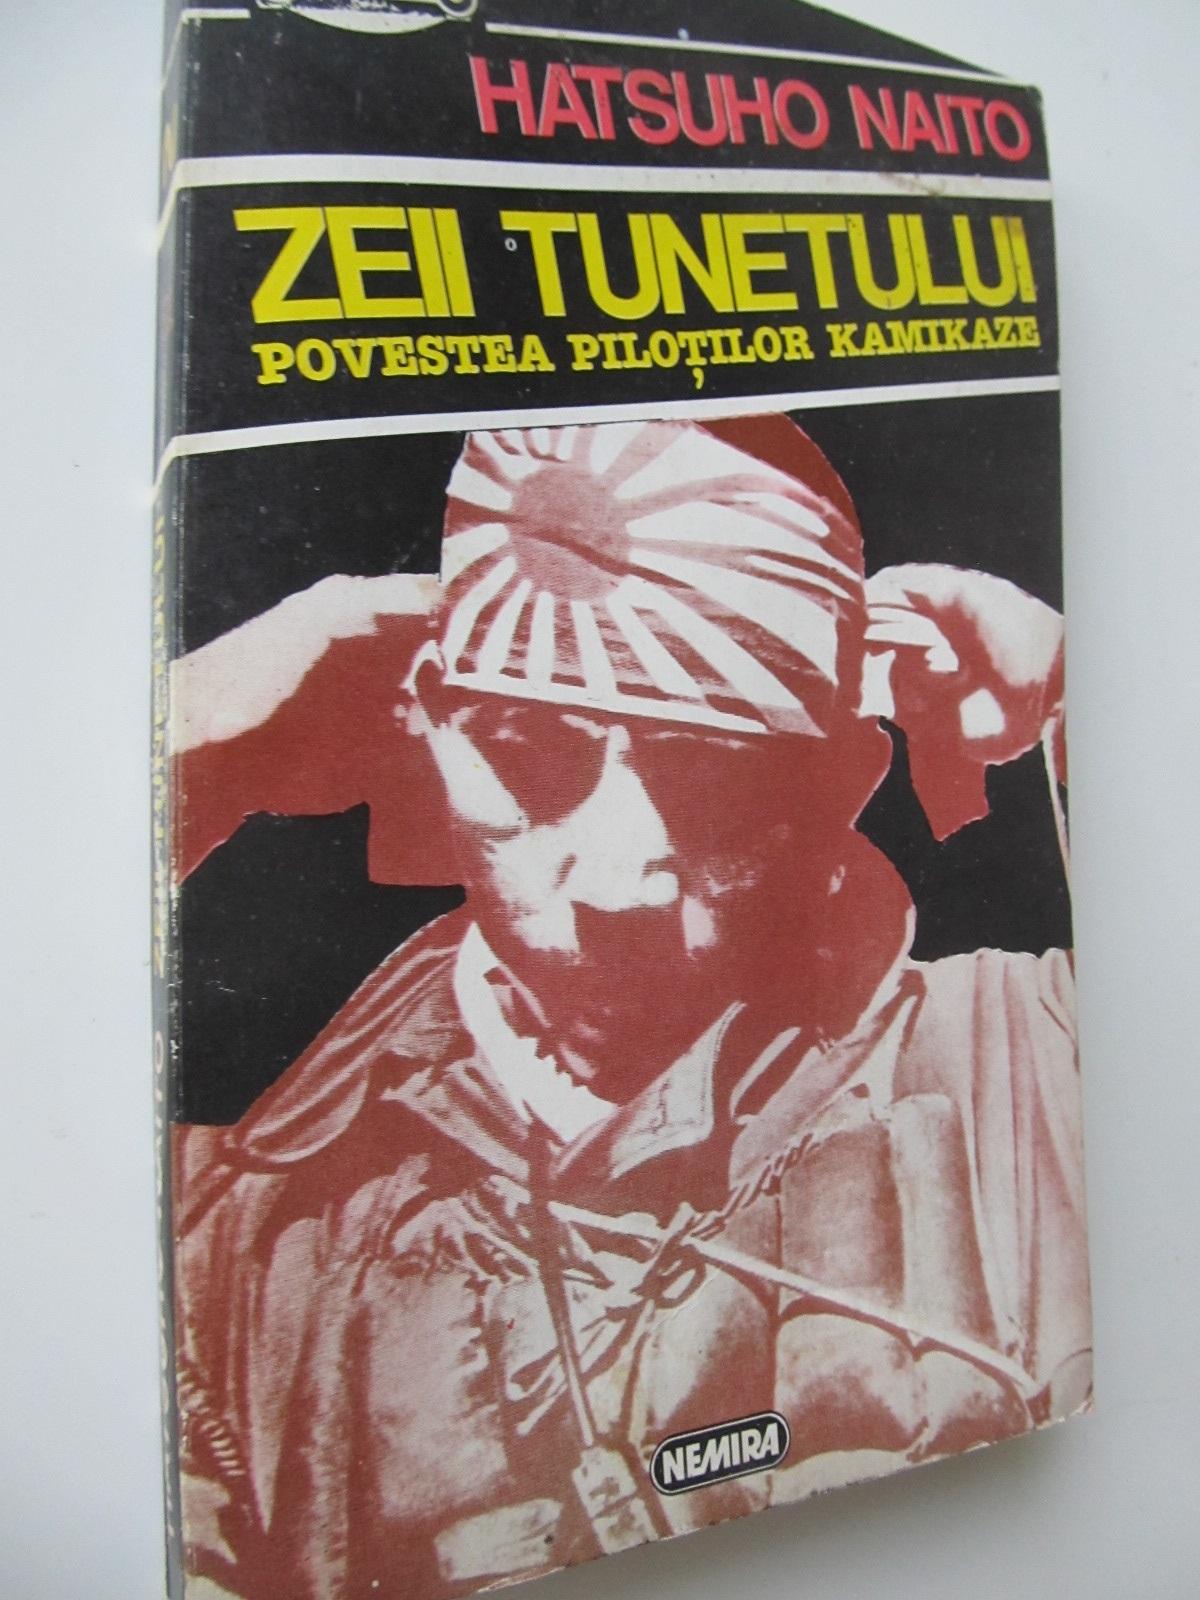 Zeii tunetului - Povestea pilotilor kamikaze - Harsuho Naito   Detalii carte